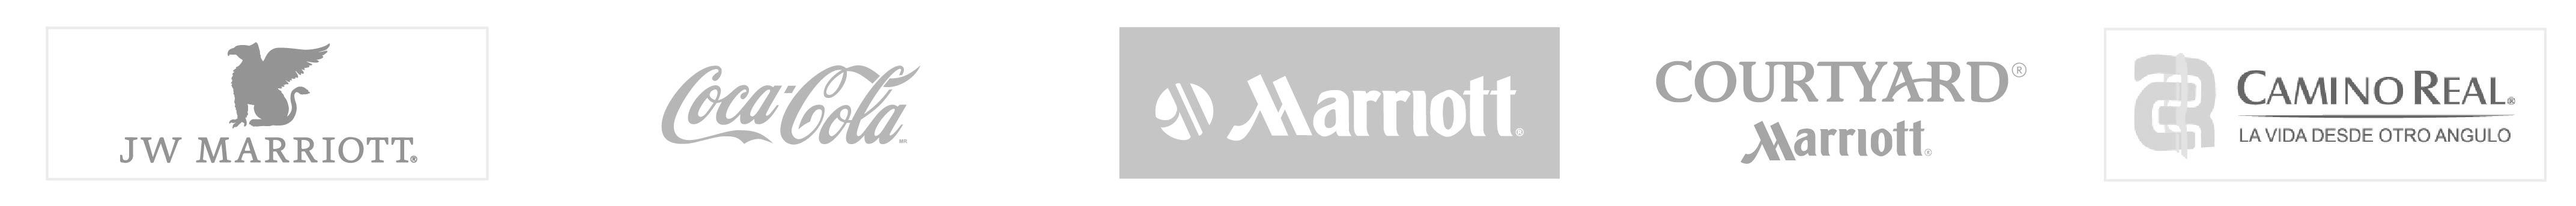 algunos de nuestros clientes jw marriot + Coca cola + Marriott + Courtyard Marriot + Camino real